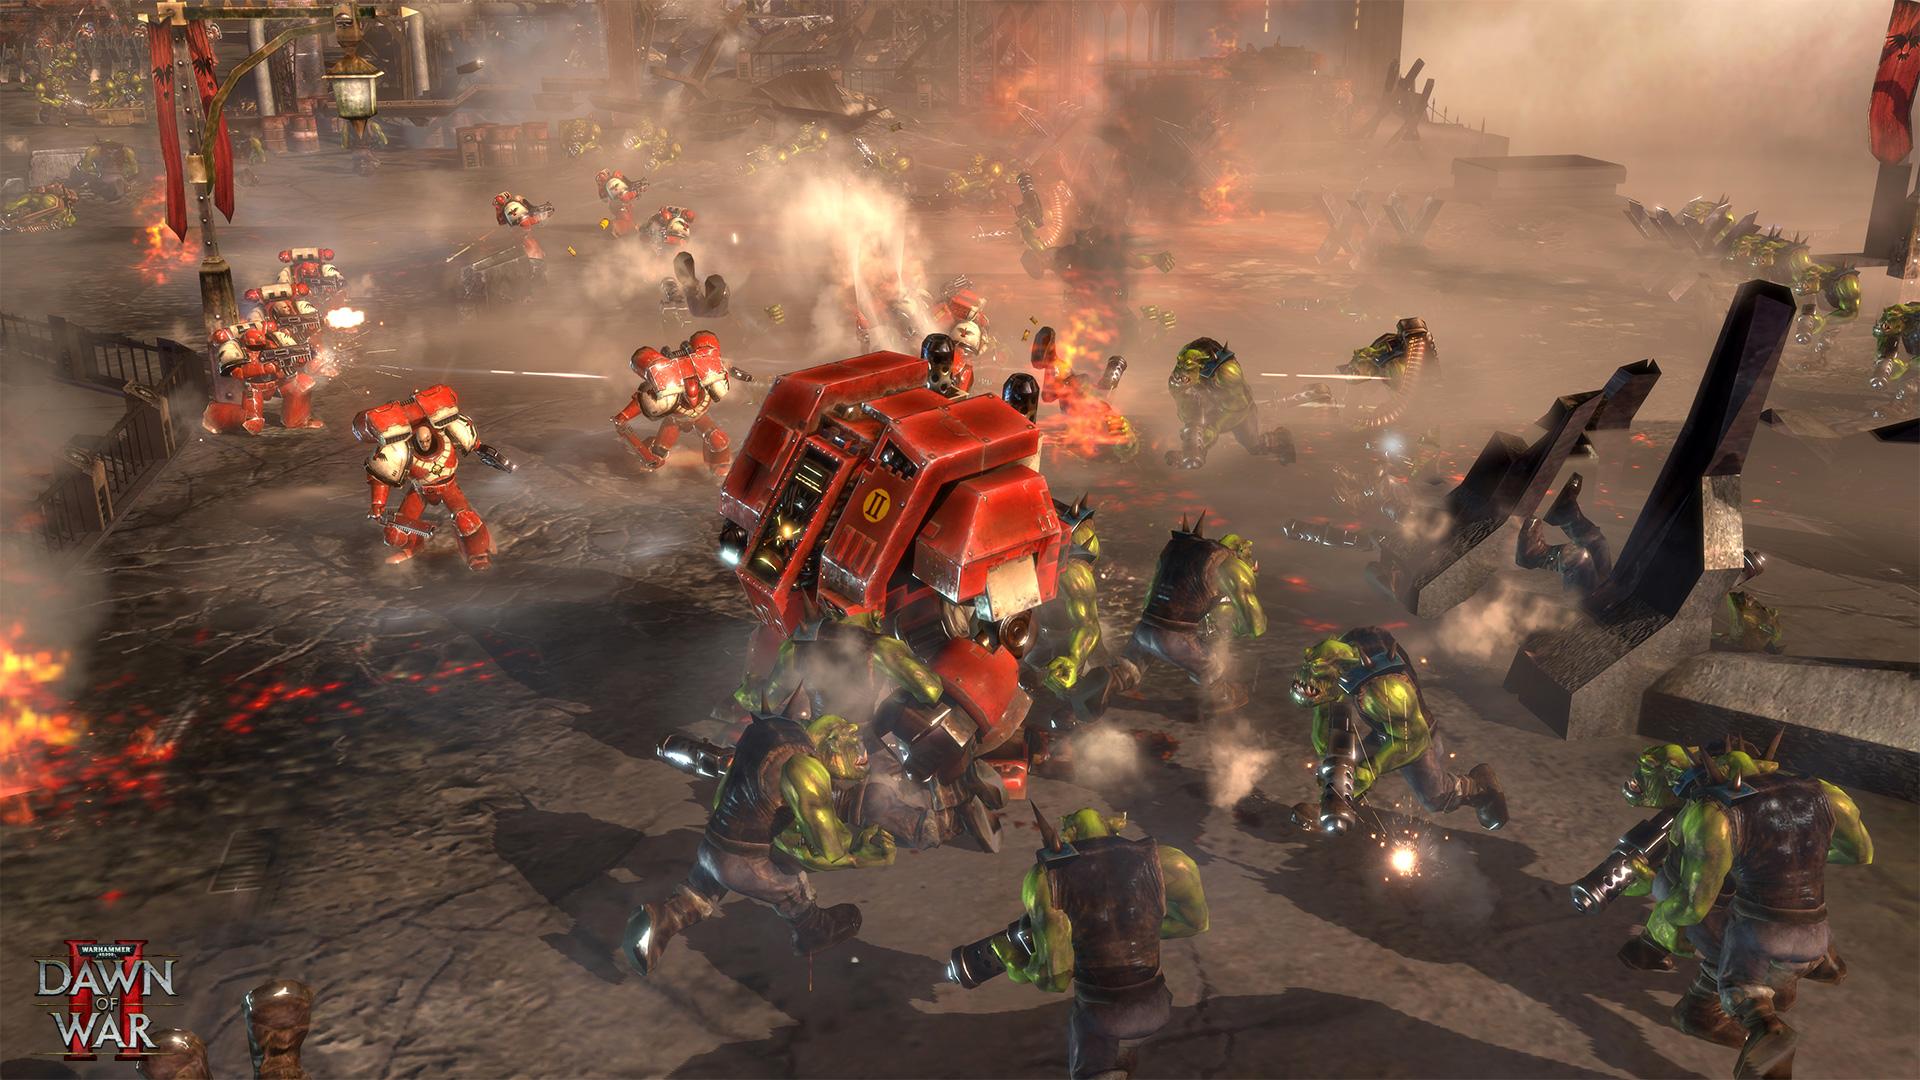 Tiết kiệm đến 75% khi mua Warhammer 40,000: Dawn of War II trên Steam